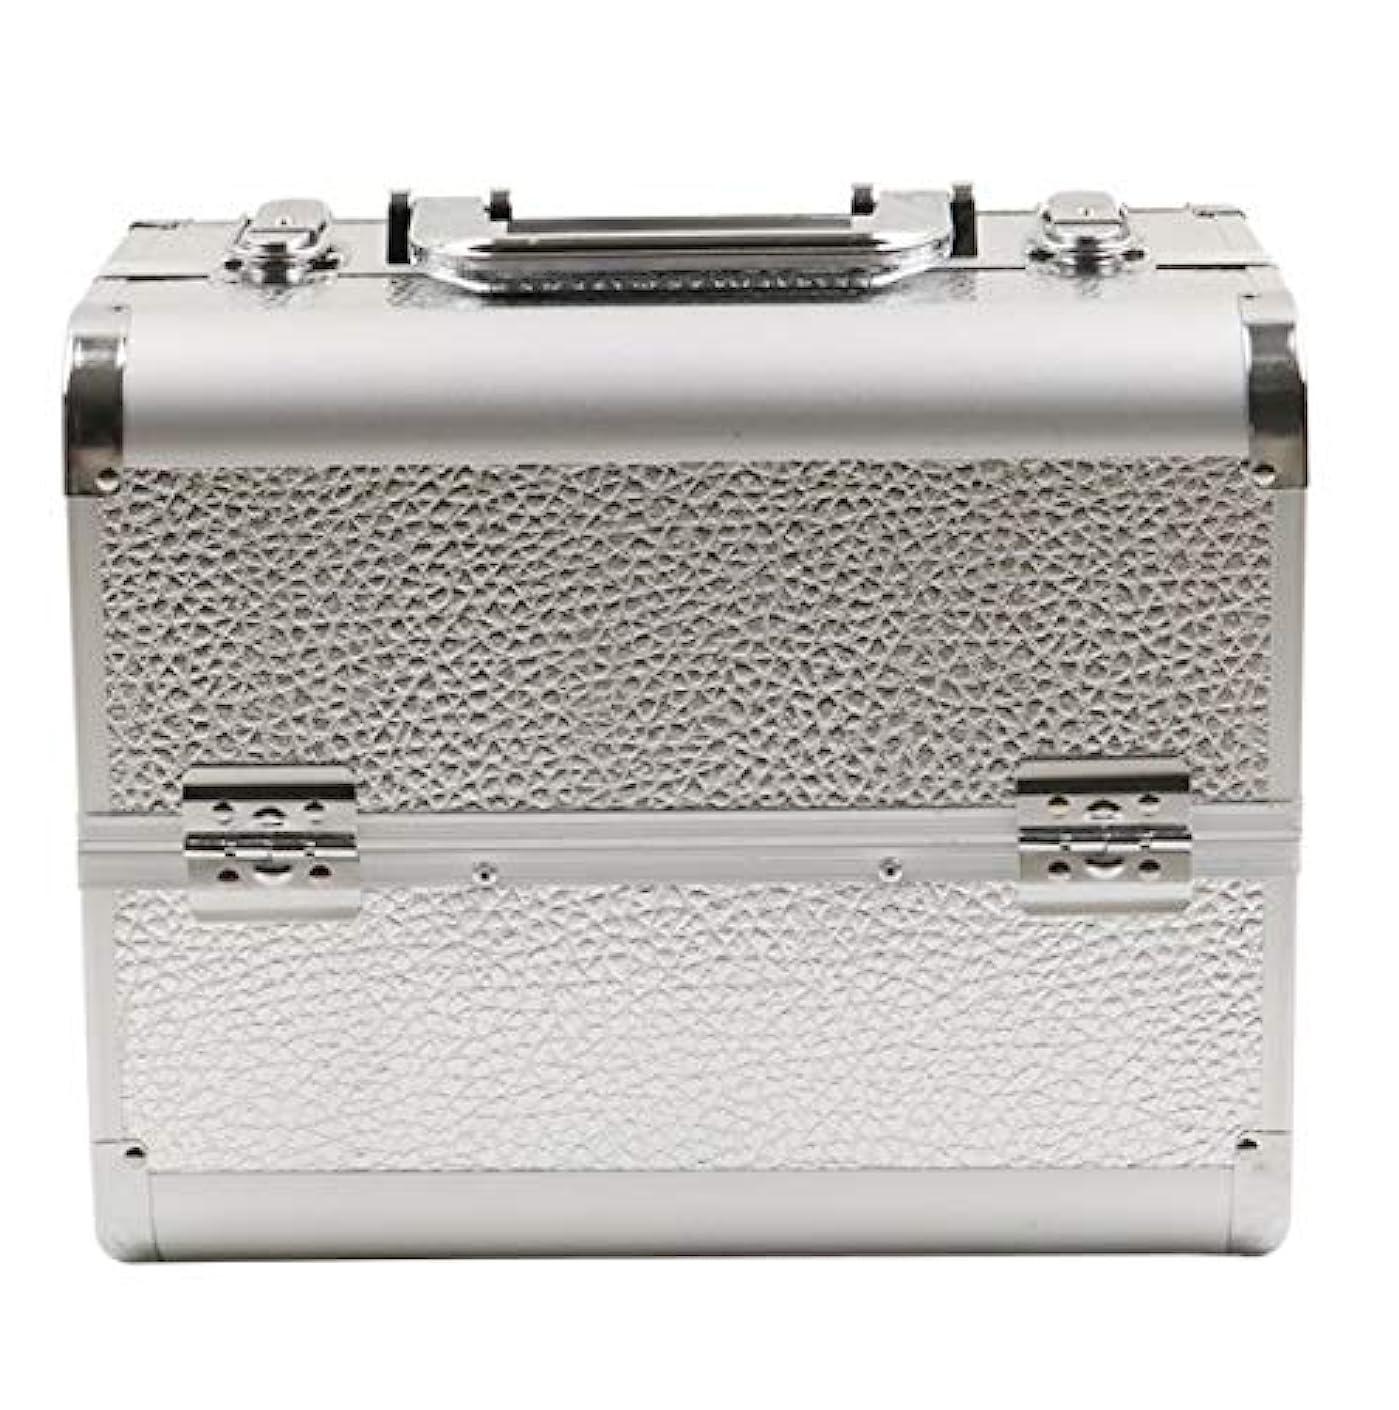 カポックカラス使役化粧品ケース、シルバーアルミ多層化粧品バッグ、ポータブル旅行多機能化粧品ケース、美容ネイルジュエリー収納ボックス